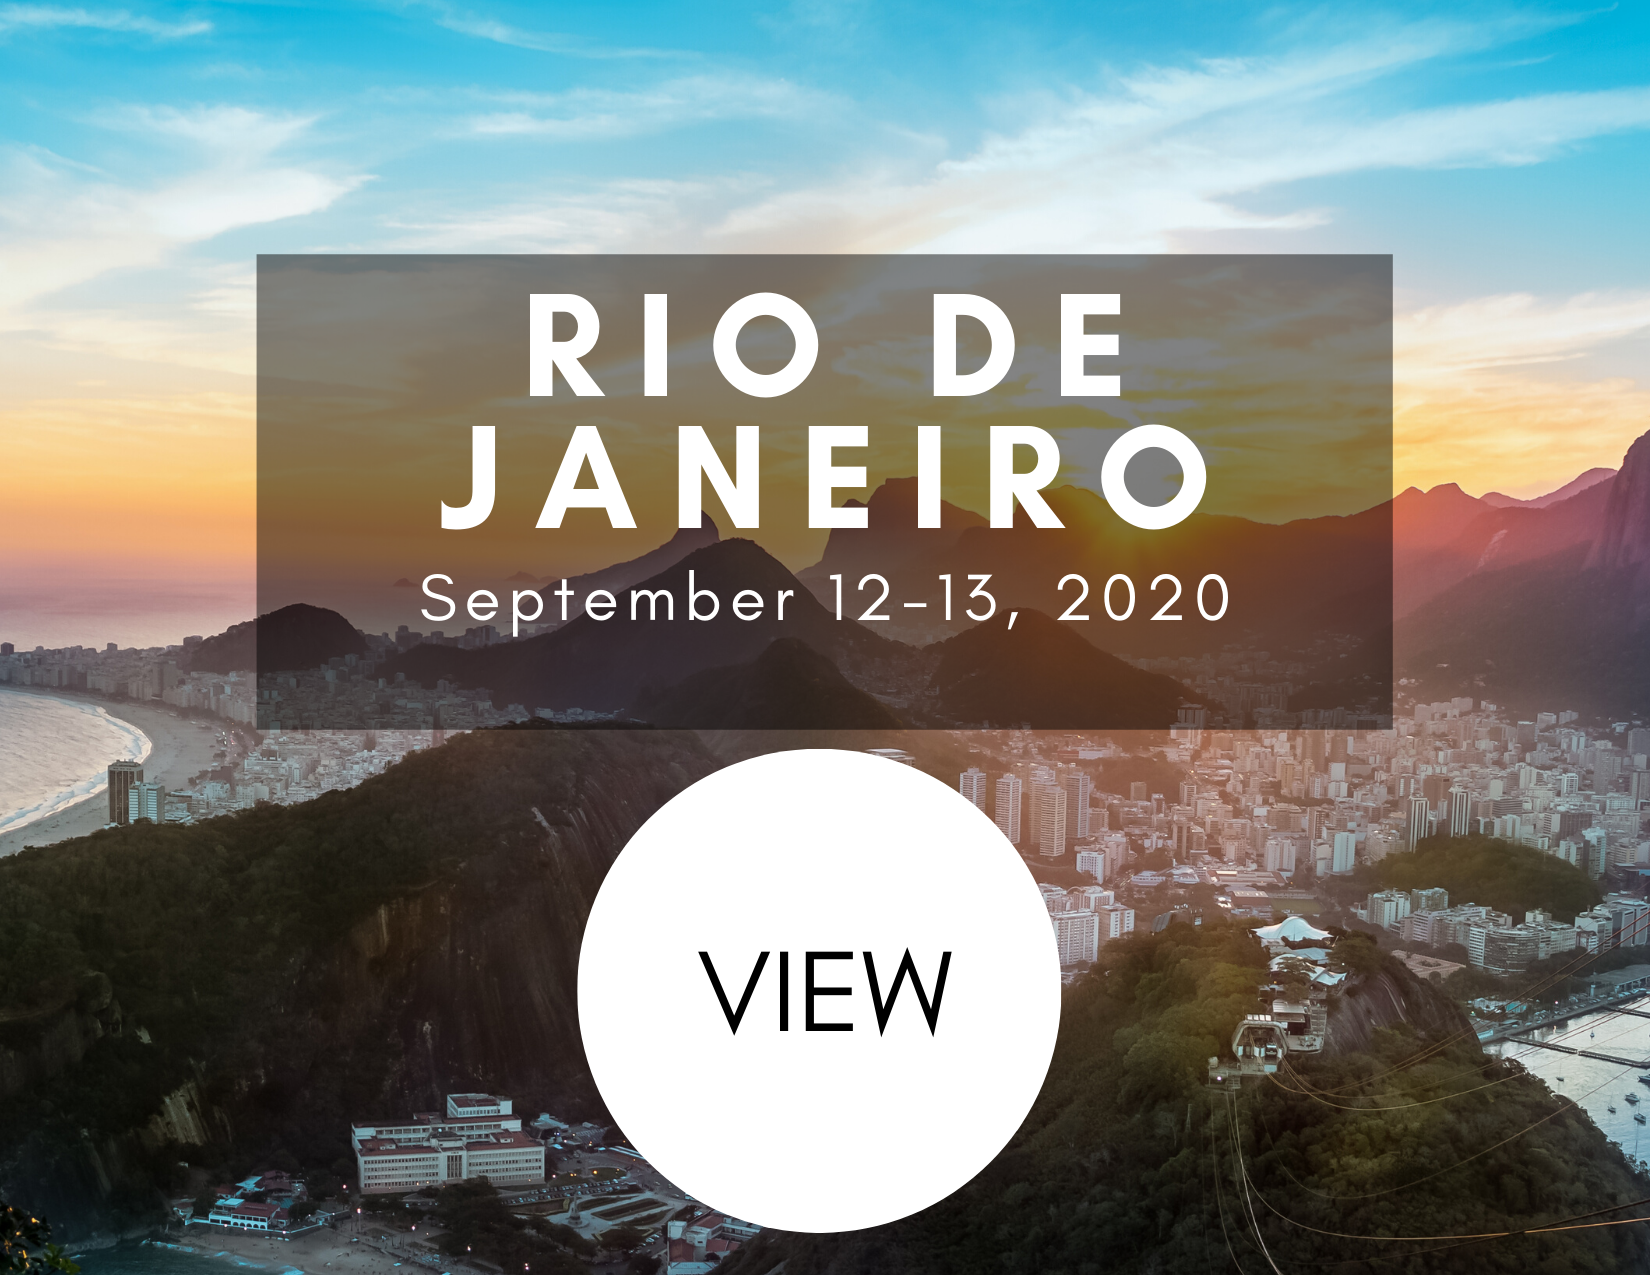 Rio de Janeiro View.png